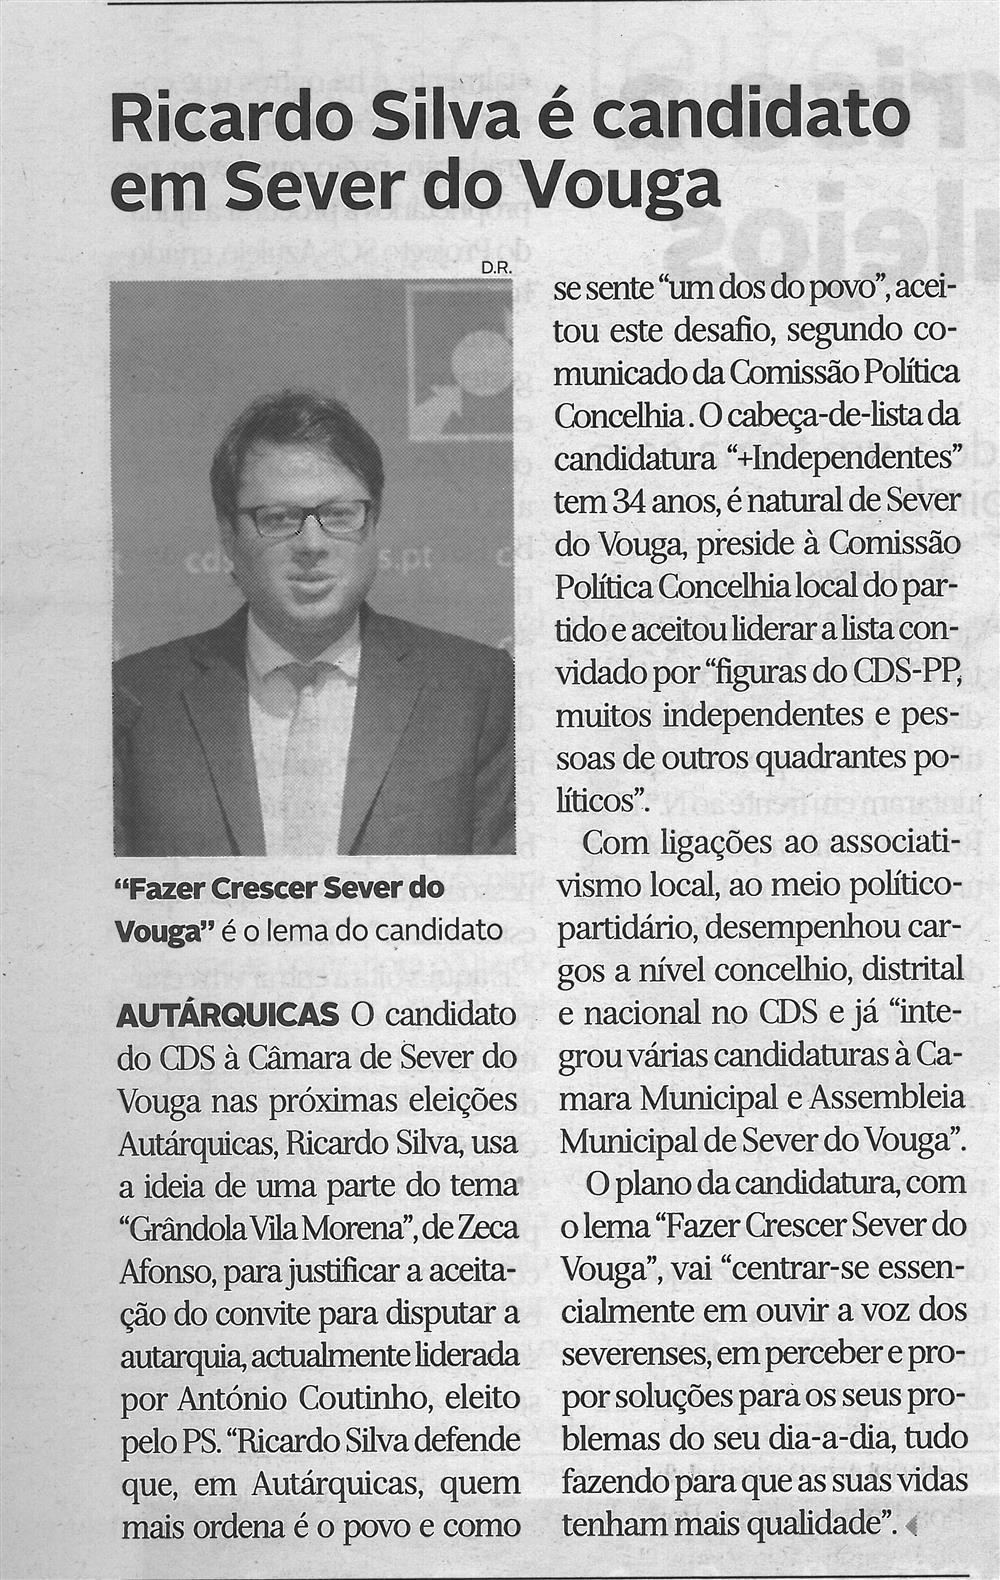 DA-07maio'17-p.6-Ricardo Silva é candidato em Sever do Vouga.jpg